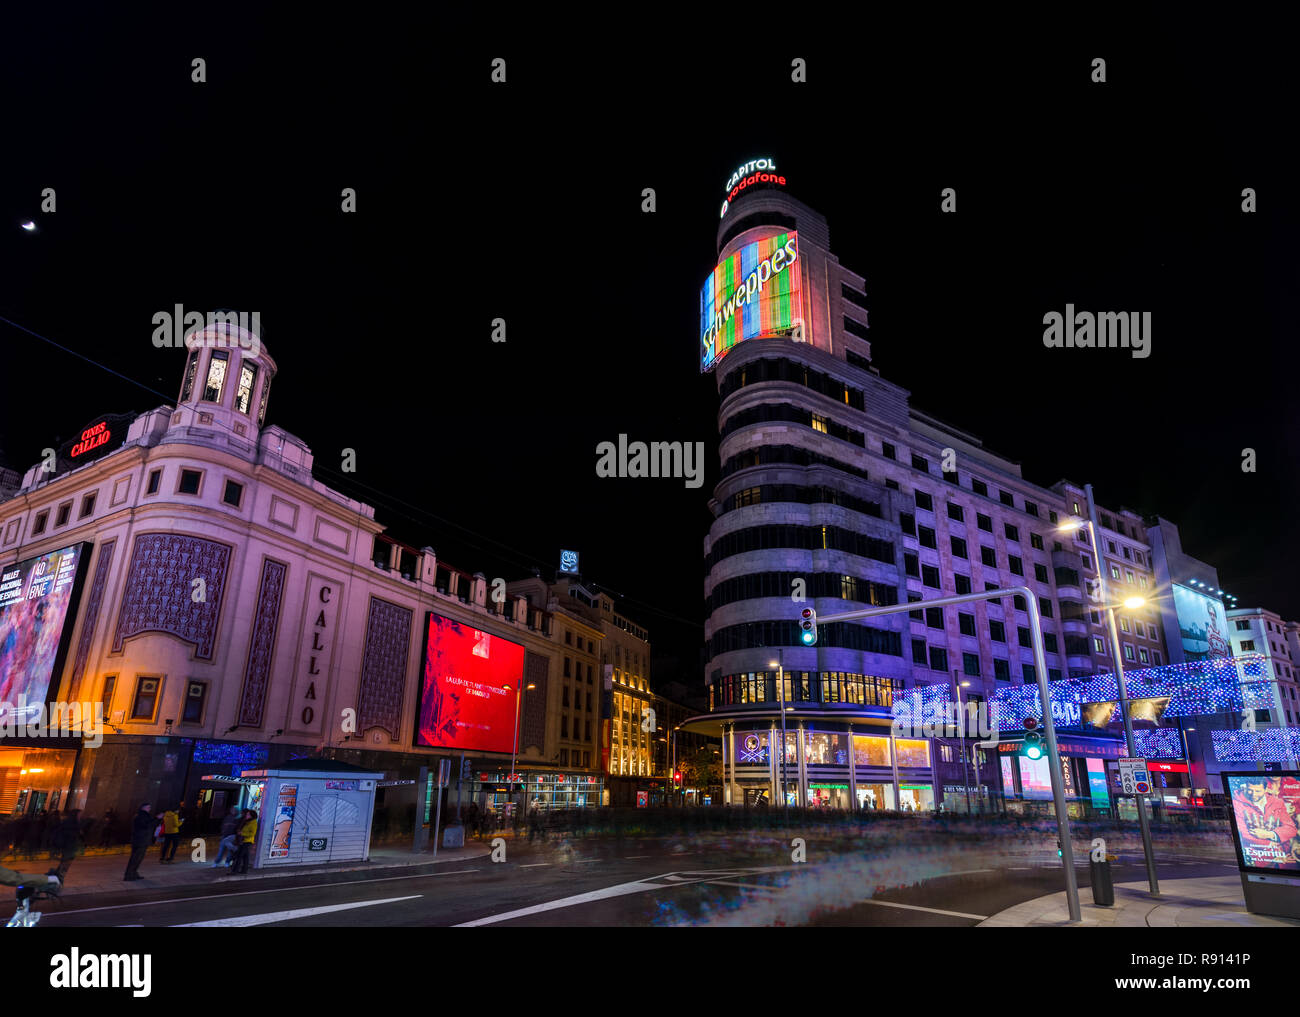 Madrid, Spagna - Dicembre 2018: Gran Via con il segno Schweppes di notte illuminata da luci di Natale Immagini Stock